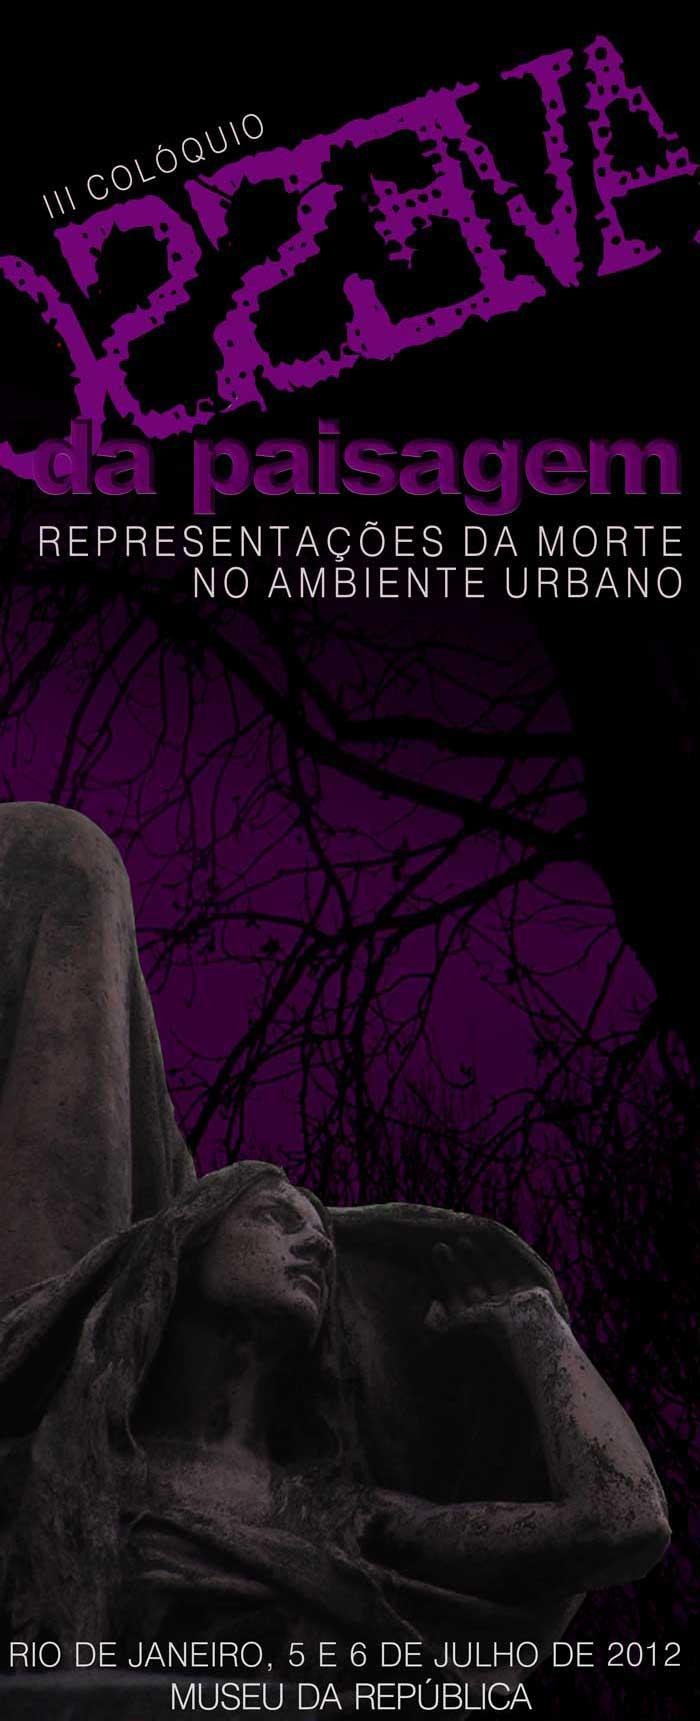 III Colóquio Avesso da Paisagem: representações da morte no ambiente urbano / Rio de Janeiro - RJ, Divulgação